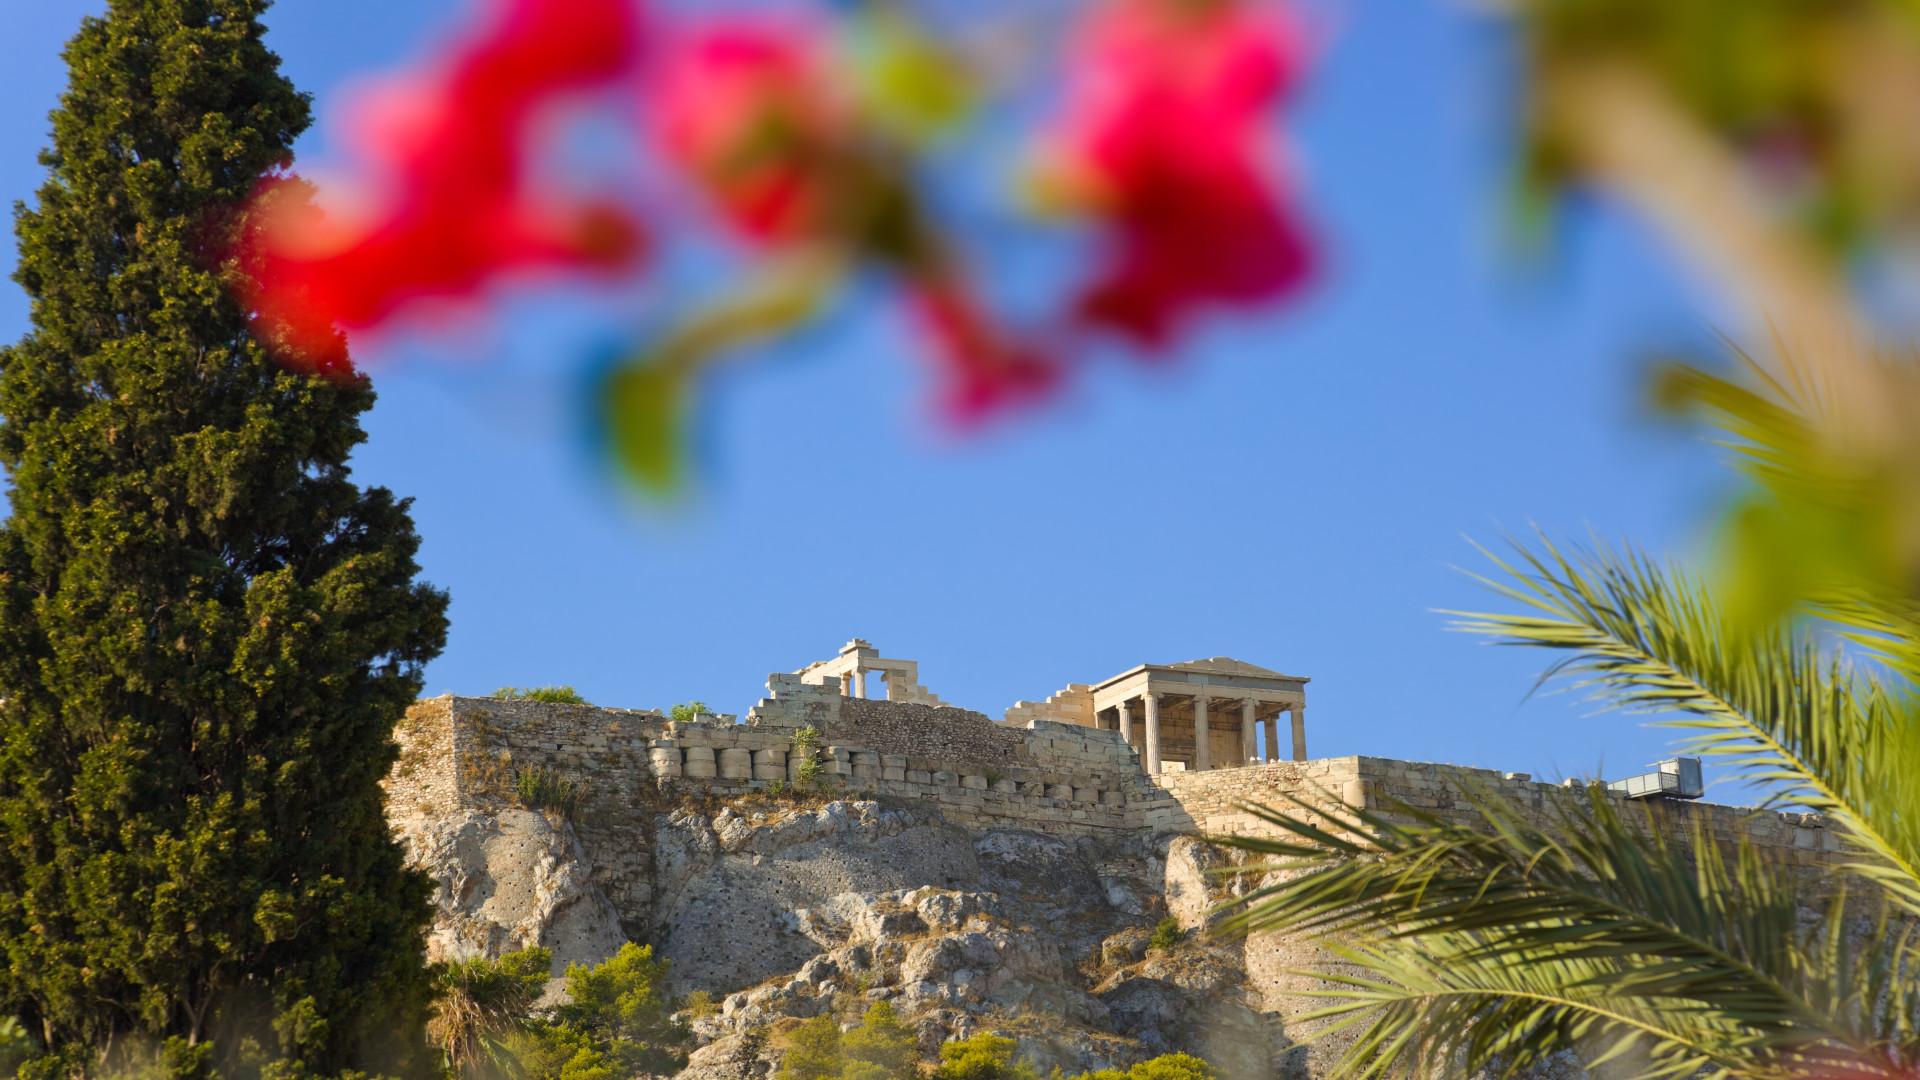 Uitzicht op Acropolis, met wazige bloem op voorgrond, Athene, Griekenland